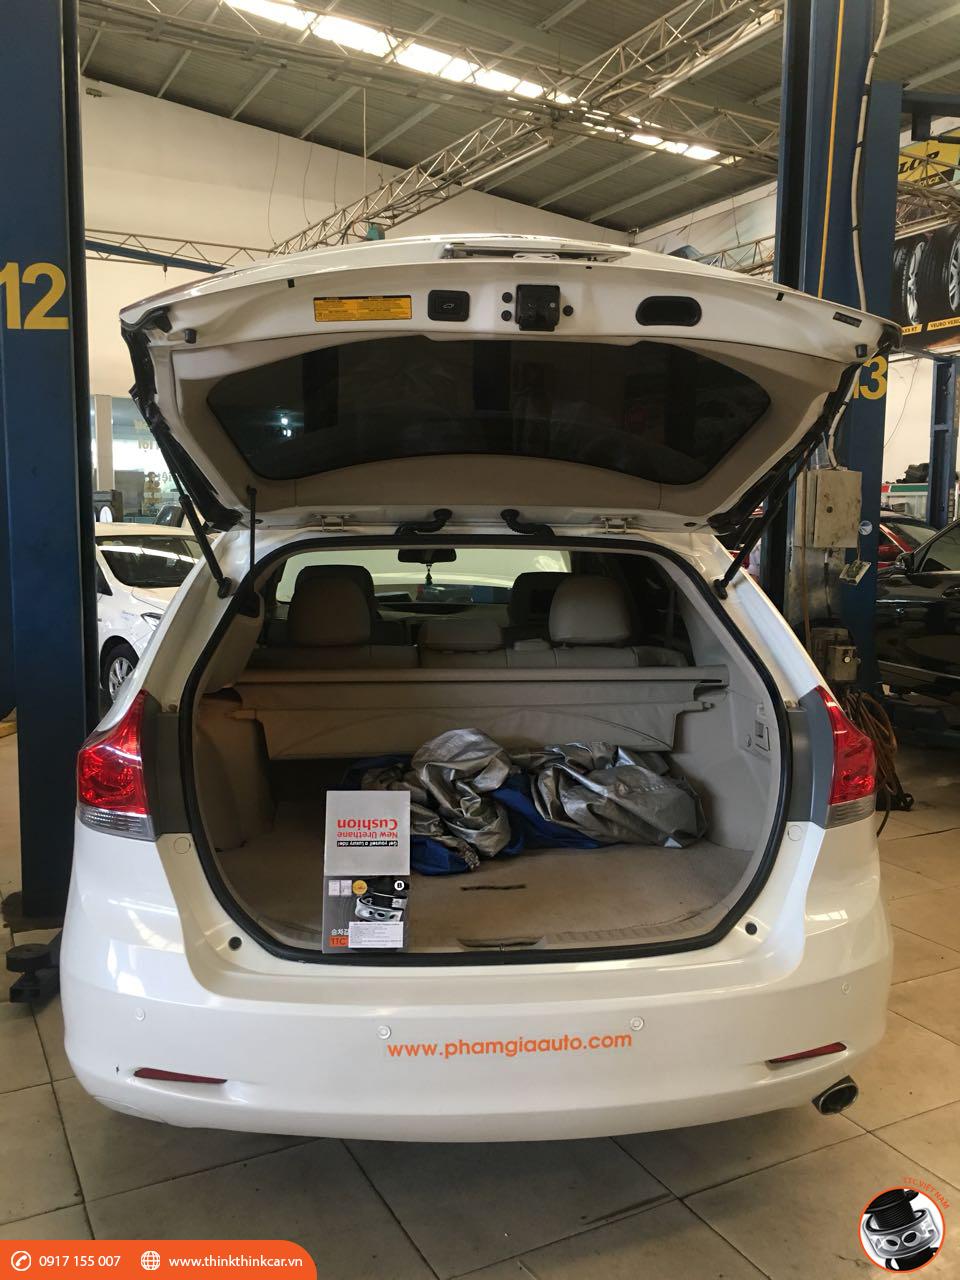 Toyota Venza lắp đệm giảm chấn TTC hình 1